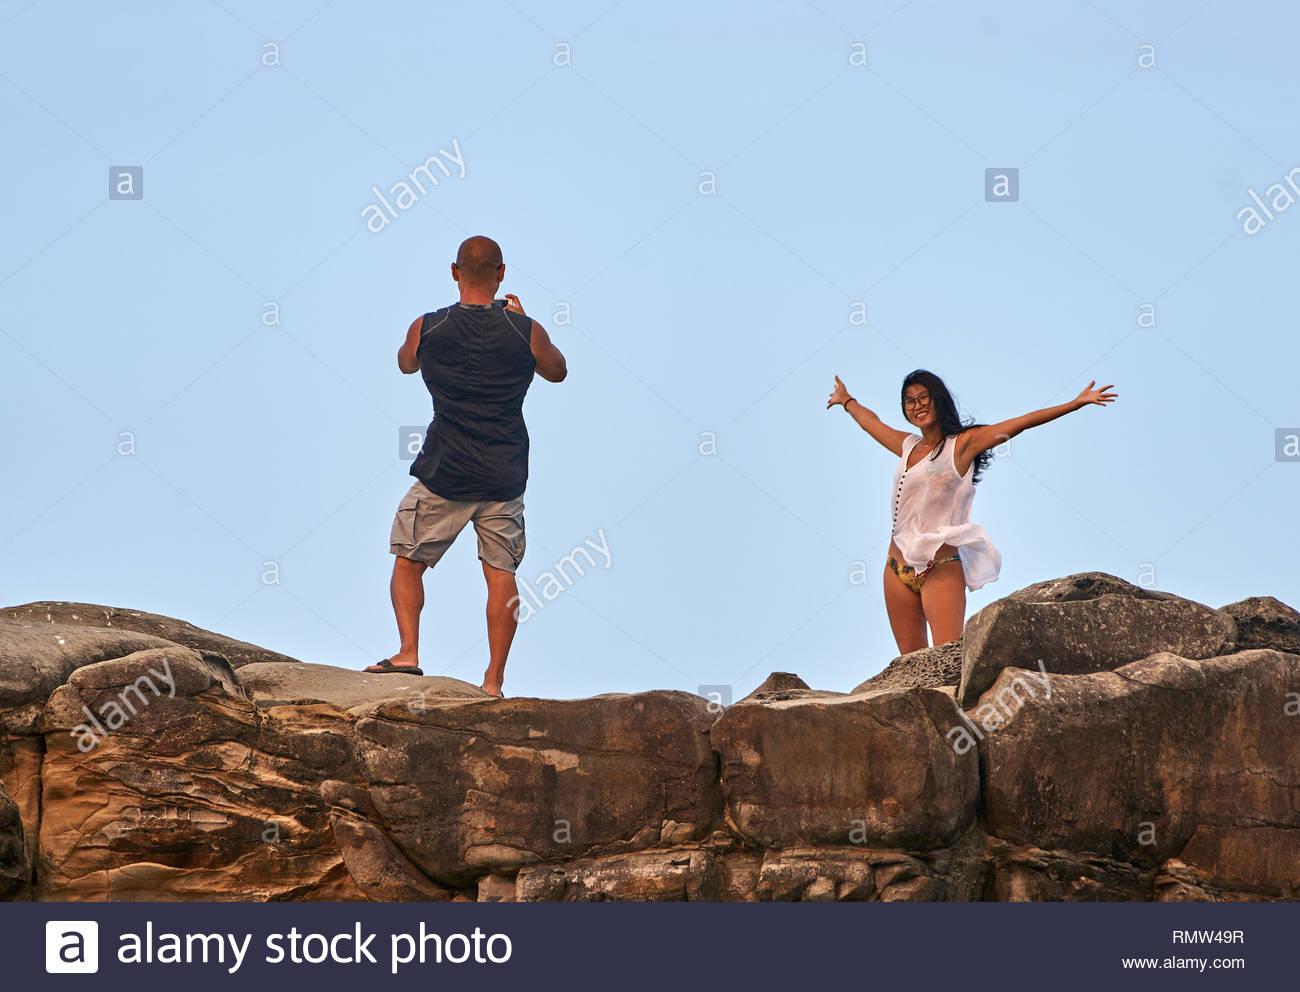 Eine Frau, die auf einem Felsvorsprung - Lächeln und posieren mit ihren ausgestreckten Armen - als Ihr Partner ihr Foto nimmt; mit einem blauen Himmel im Hintergrund. Stockbild